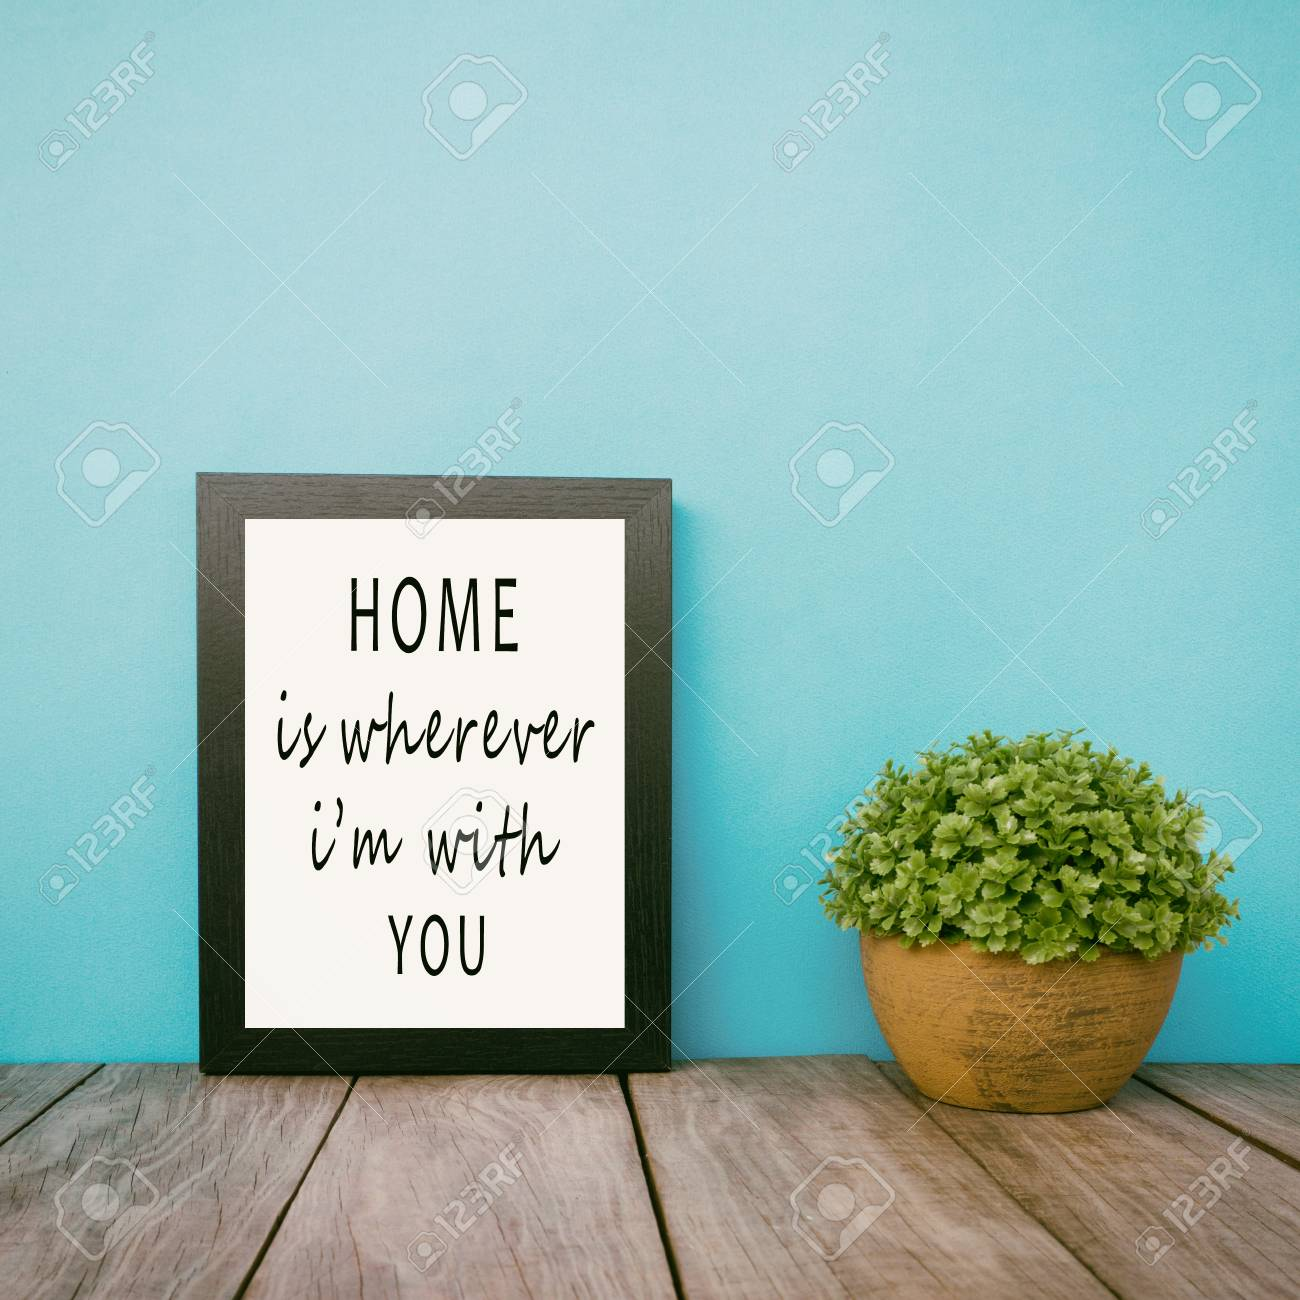 Citazioni Di Vita Motivazionali E Ispiratrici La Casa è Ovunque Io Sia Con Te Struttura E Pianta Con Priorità Bassa Blu Dentellare Stile Retro